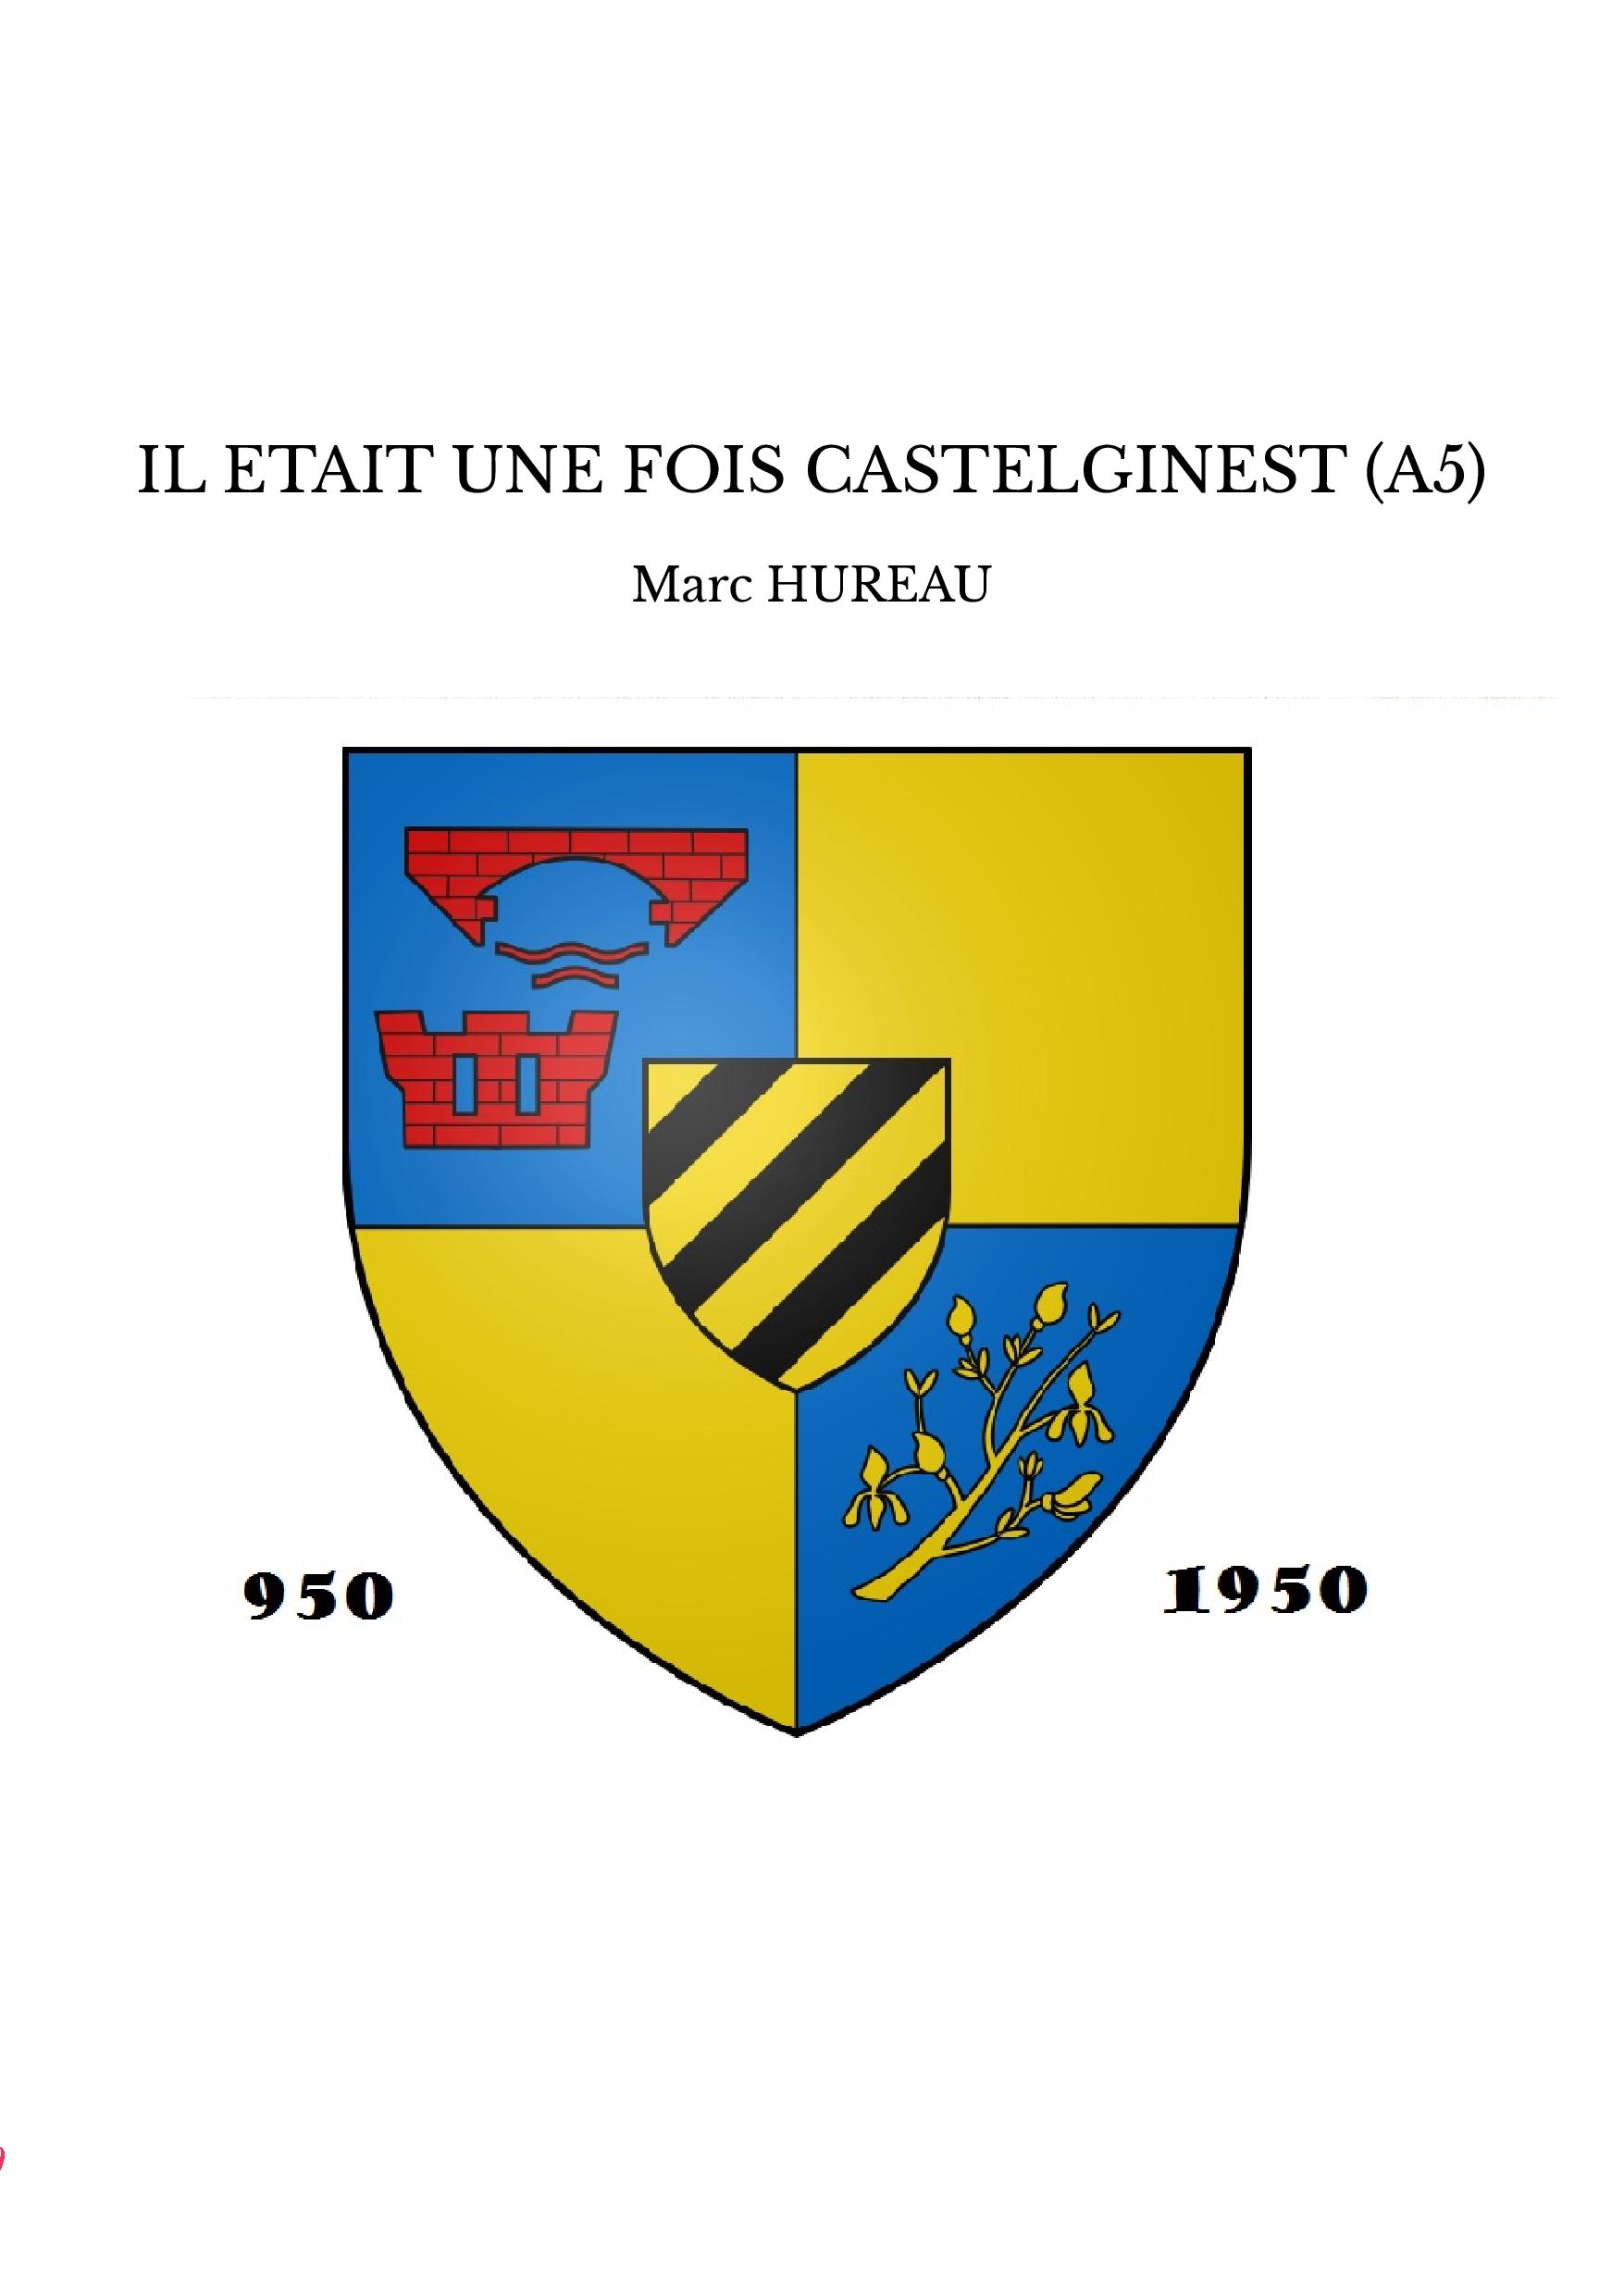 IL ETAIT UNE FOIS CASTELGINEST (A5)